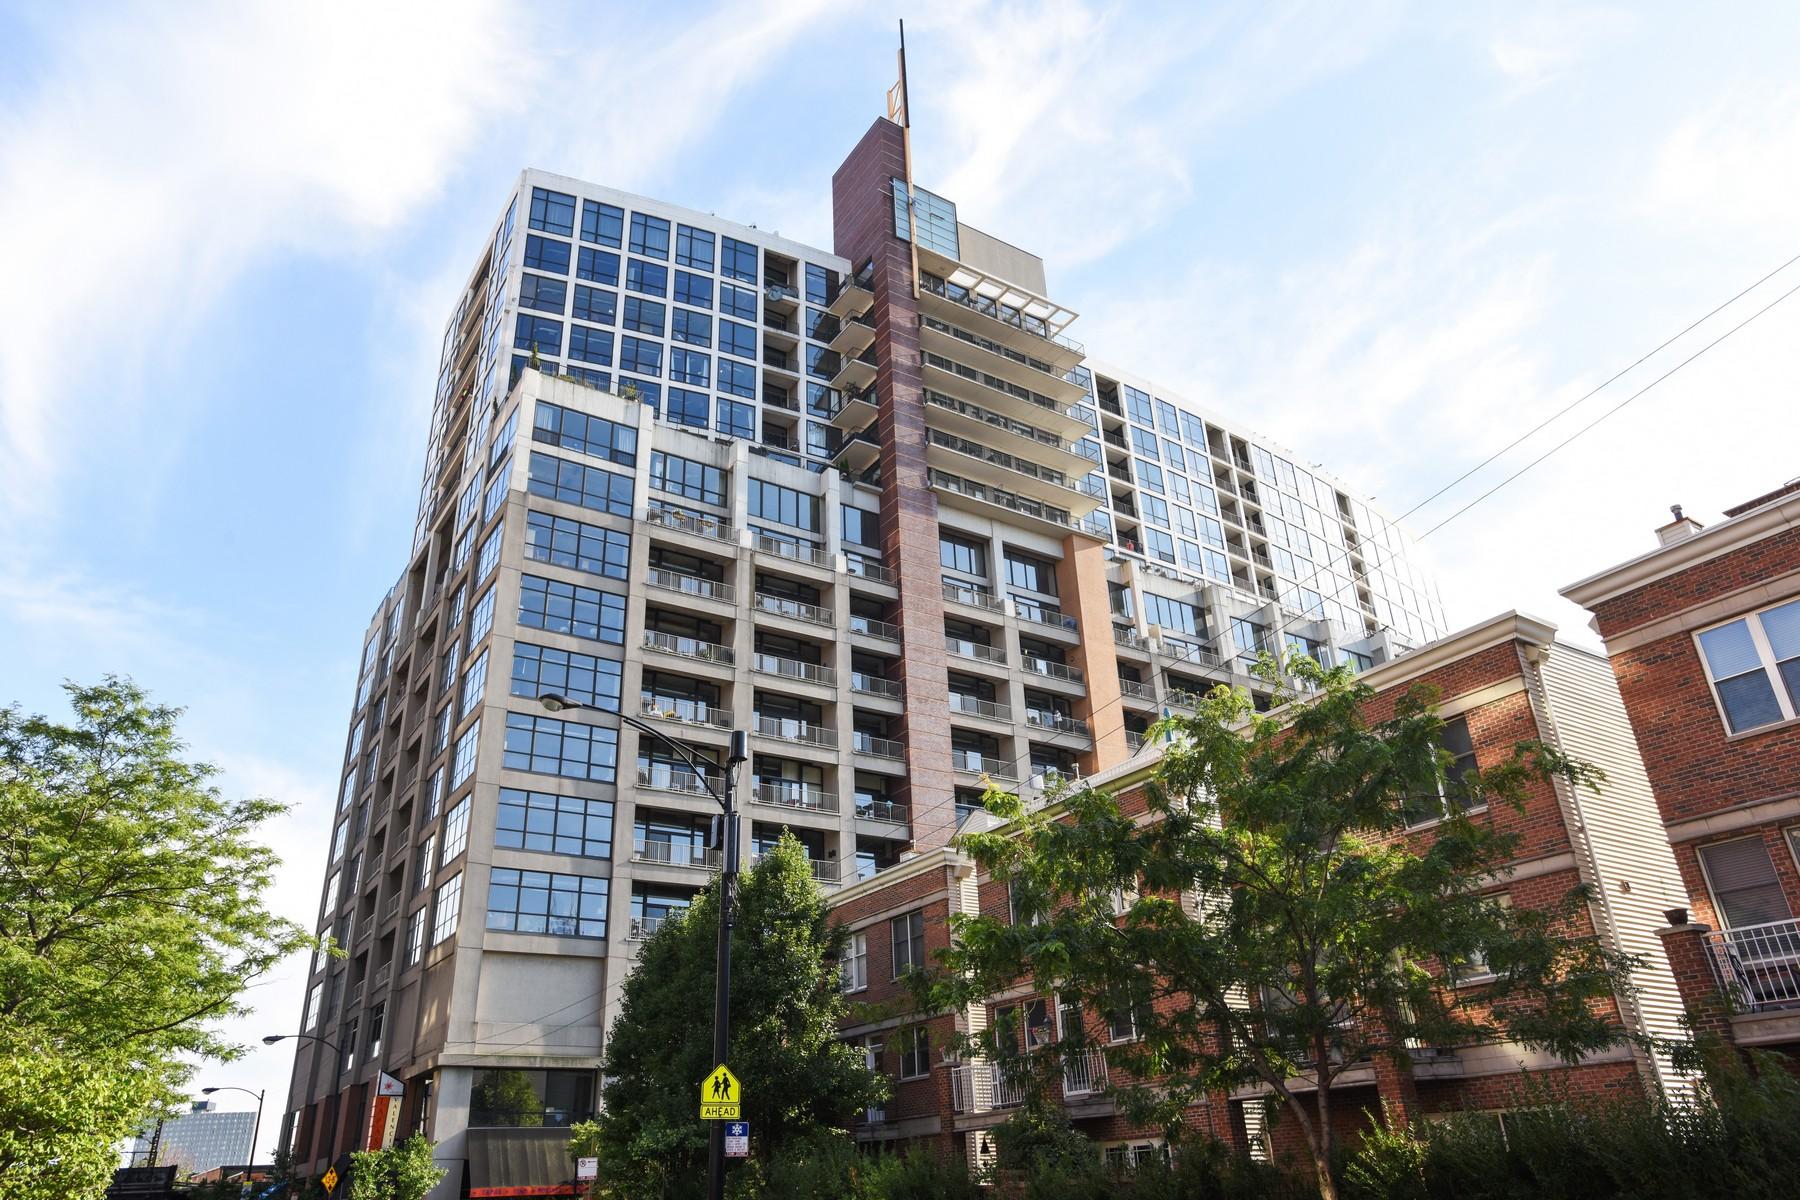 デュプレックス のために 売買 アット Dramatic Duplexed Home 1530 S State Street Unit 1017 Near South Side, Chicago, イリノイ, 60605 アメリカ合衆国